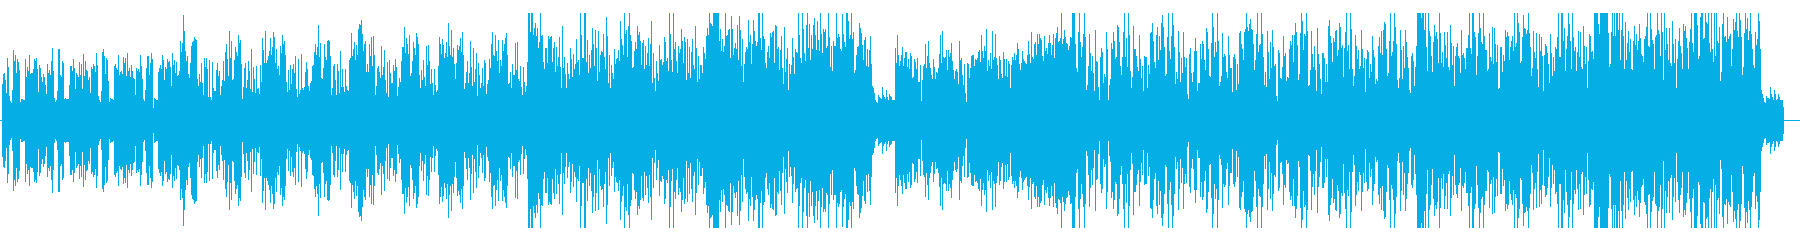 疾走感あるクラブジャズサウンドの再生済みの波形